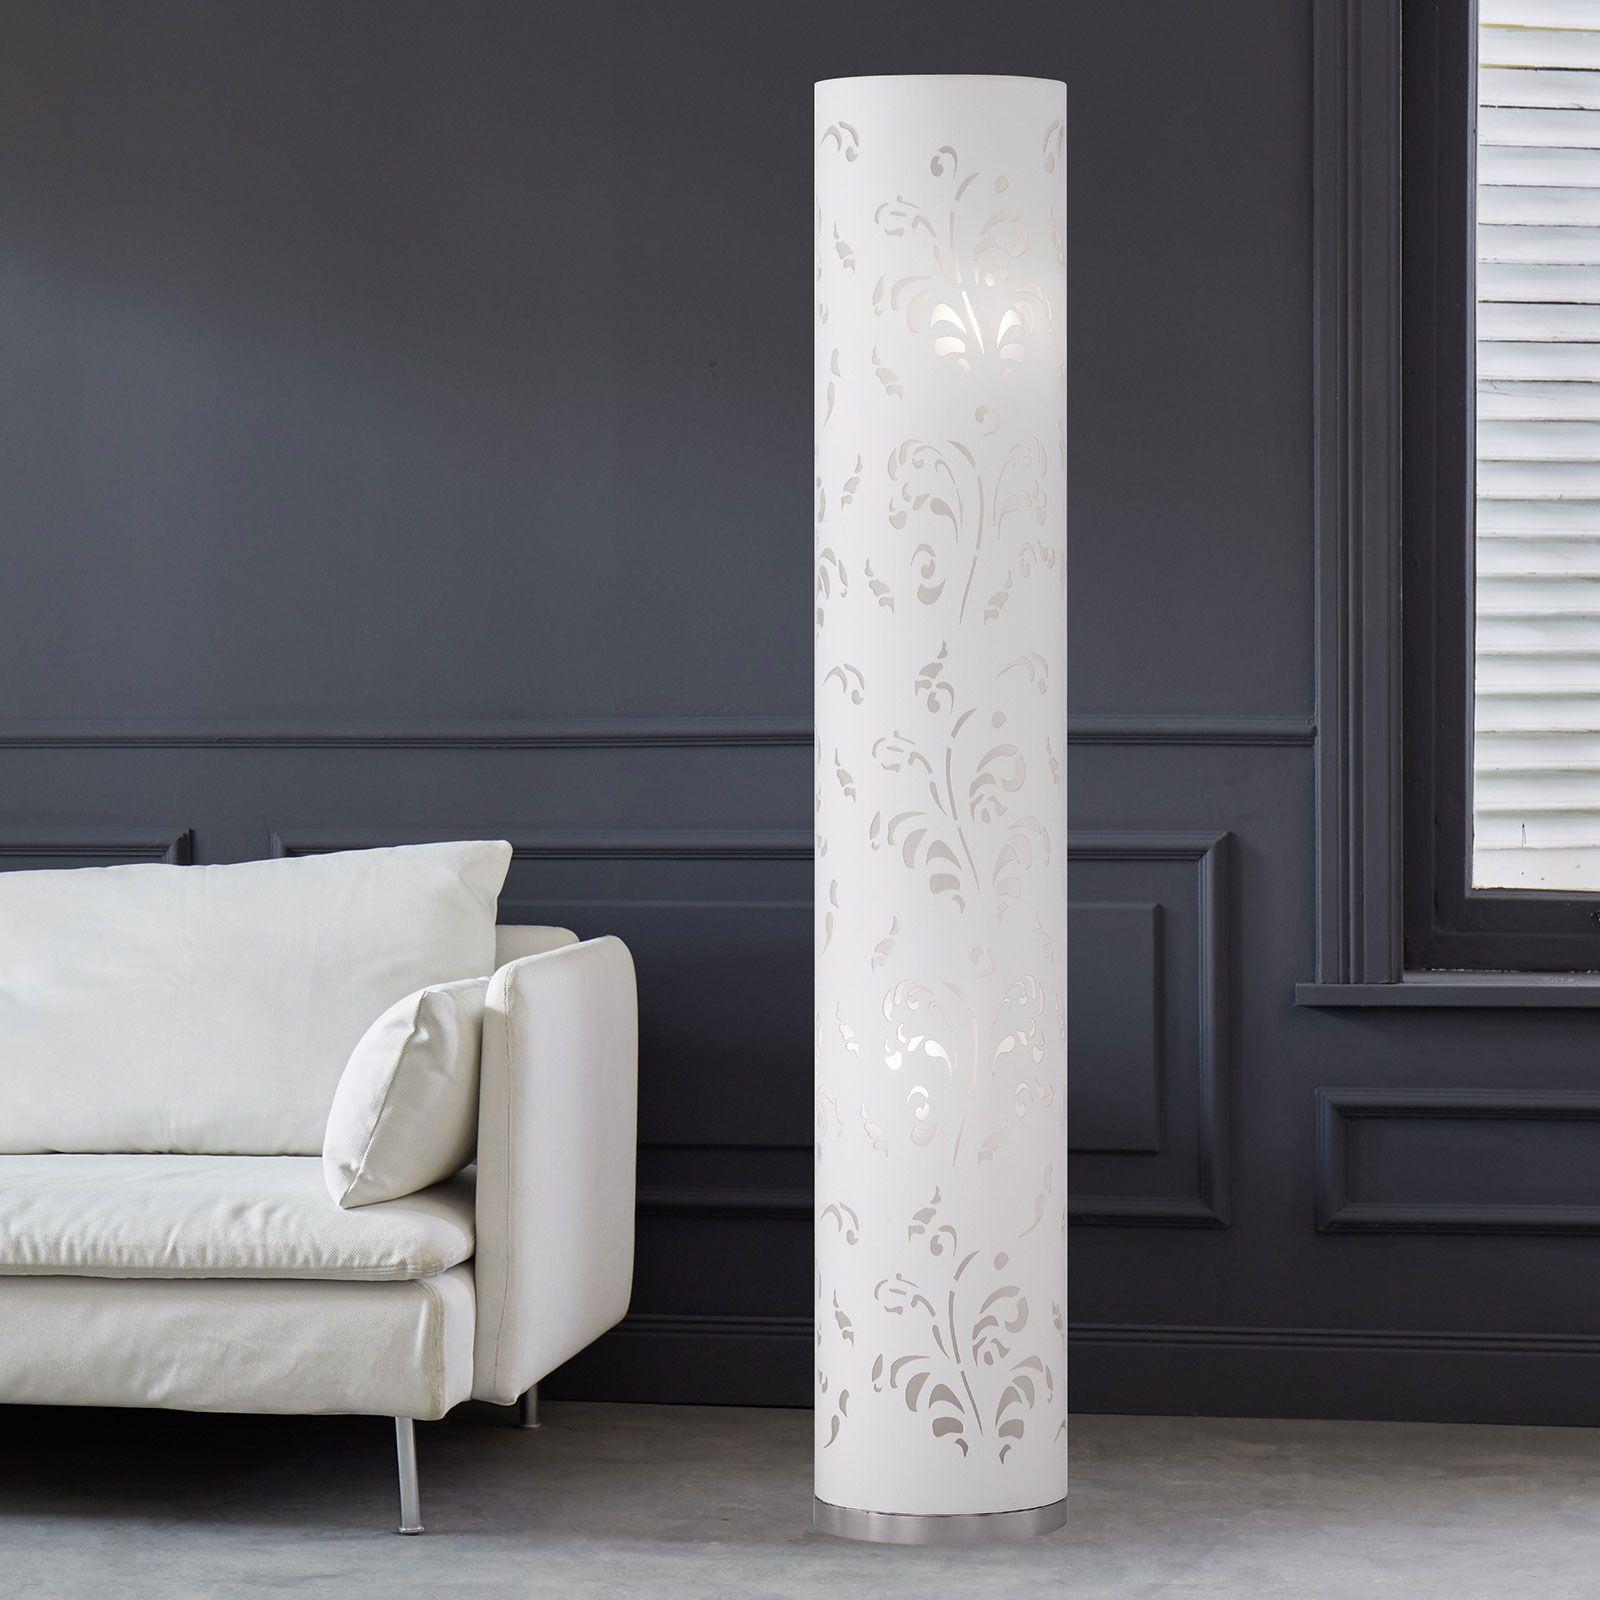 Slank gulvlampe Flora skærm hvid med dekorering